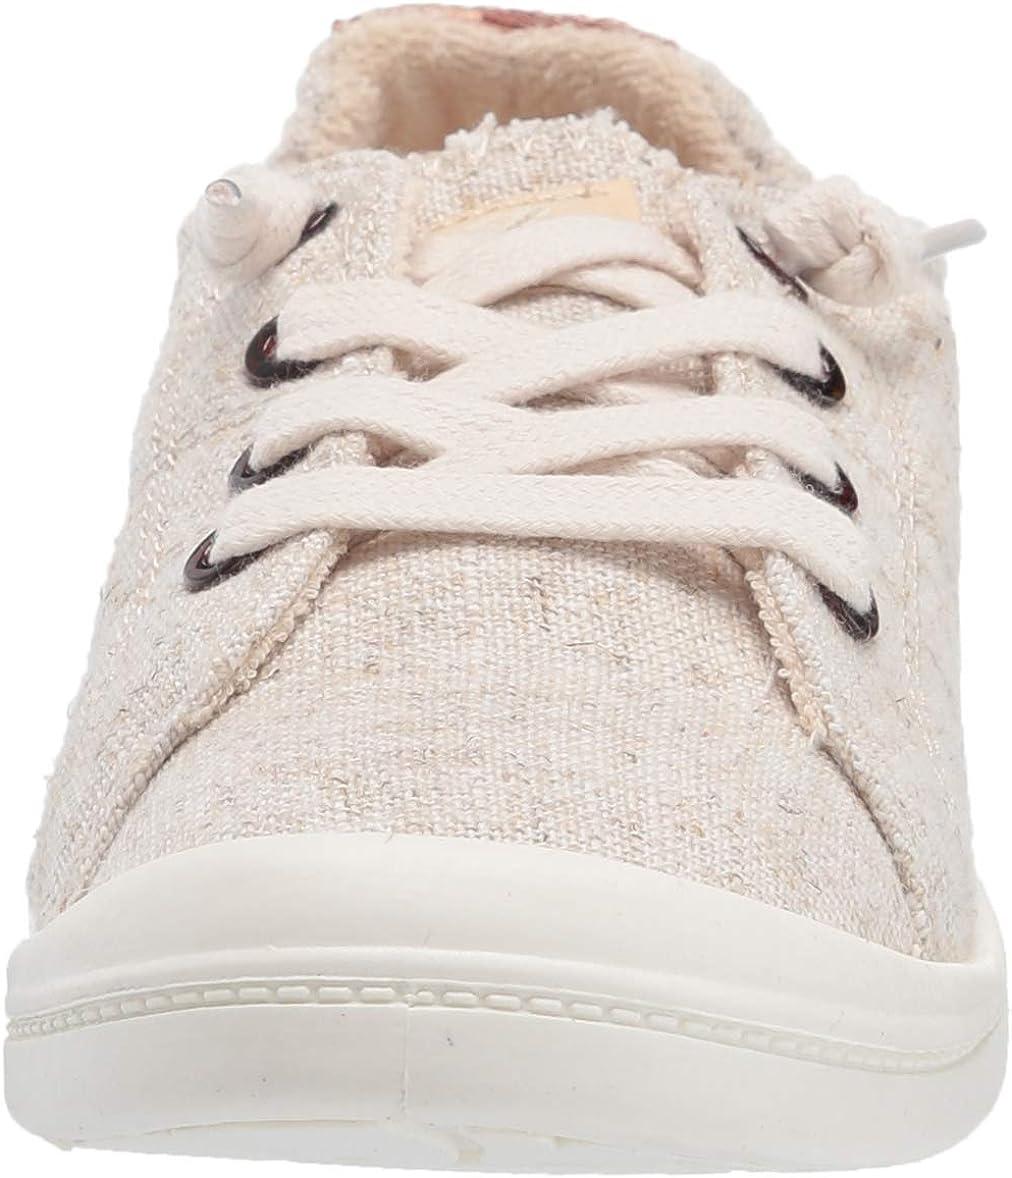 Roxy Women's Bayshore Slip on Sneaker Shoe